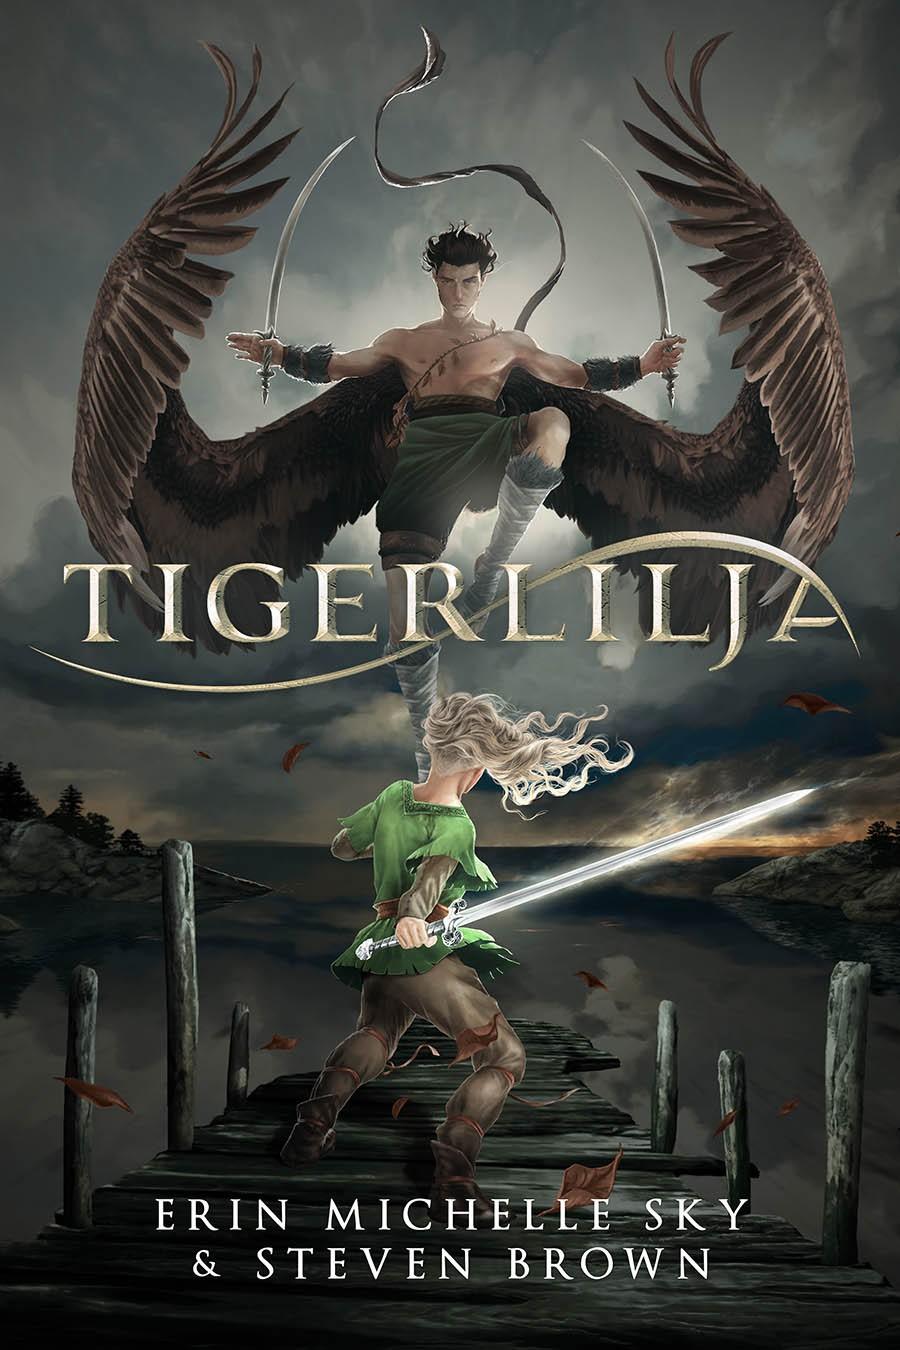 Tigerlilja cover - full color